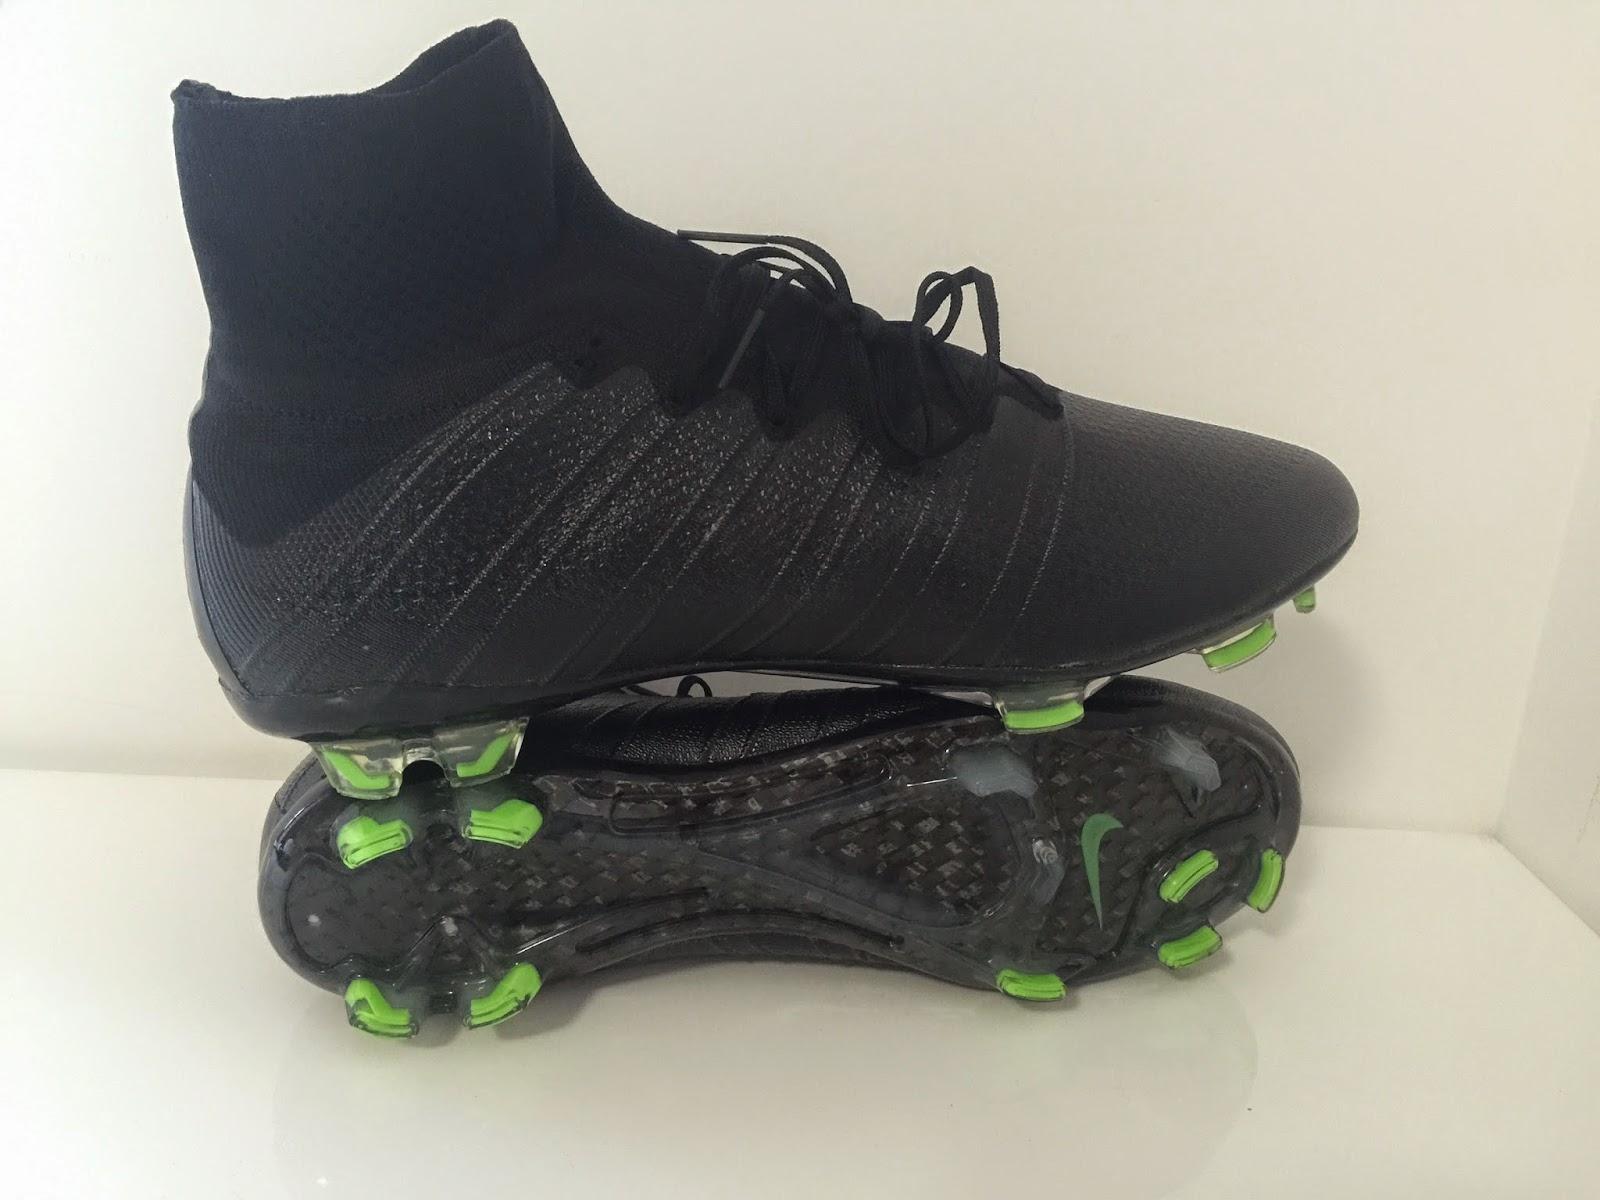 100% autentyczny ogromna zniżka zniżki z fabryki Sportscleatscheap.com: Blackout Nike Mercurial Superfly 2015 ...